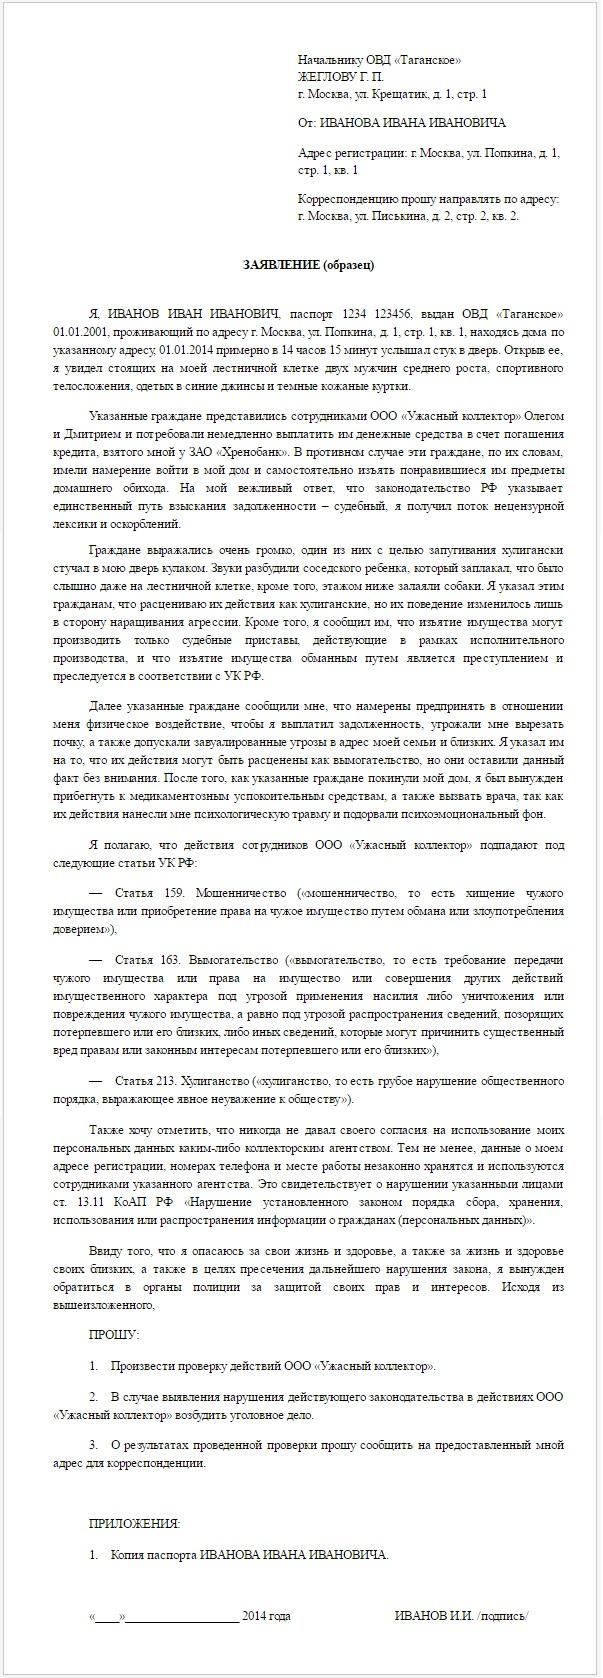 образец заявлениев роспотребнадзор